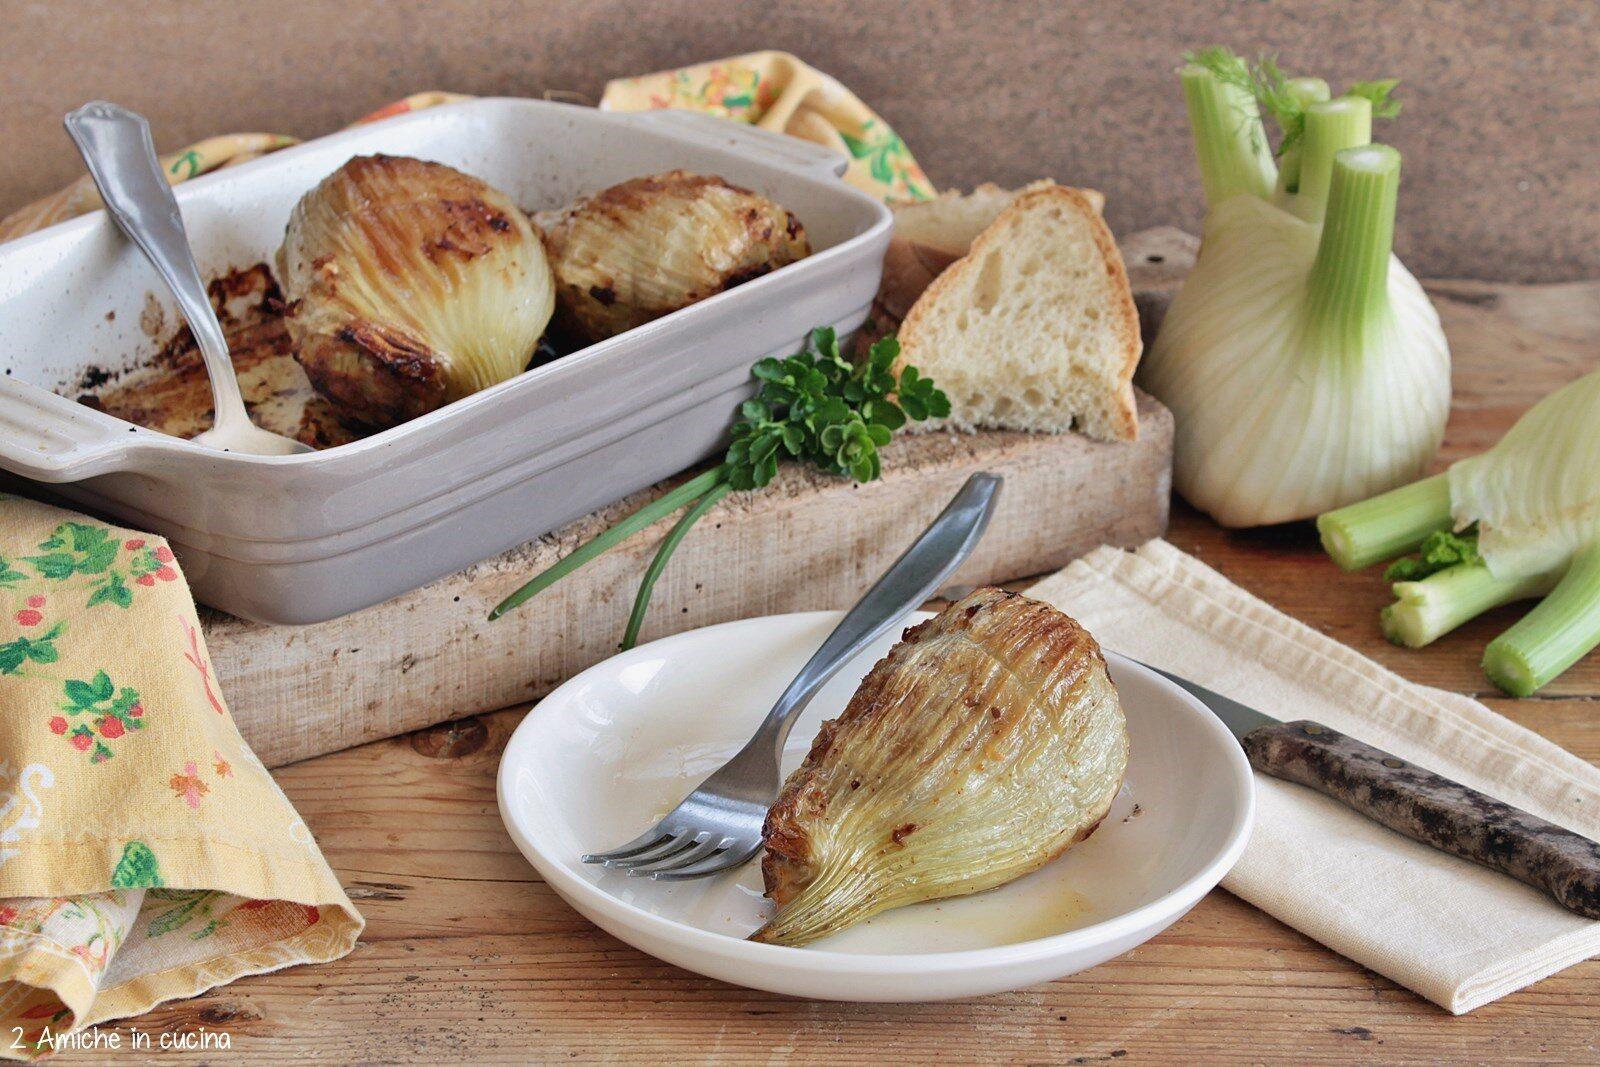 Foglie  esterne di finocchio riempite di carne e pane raffermo